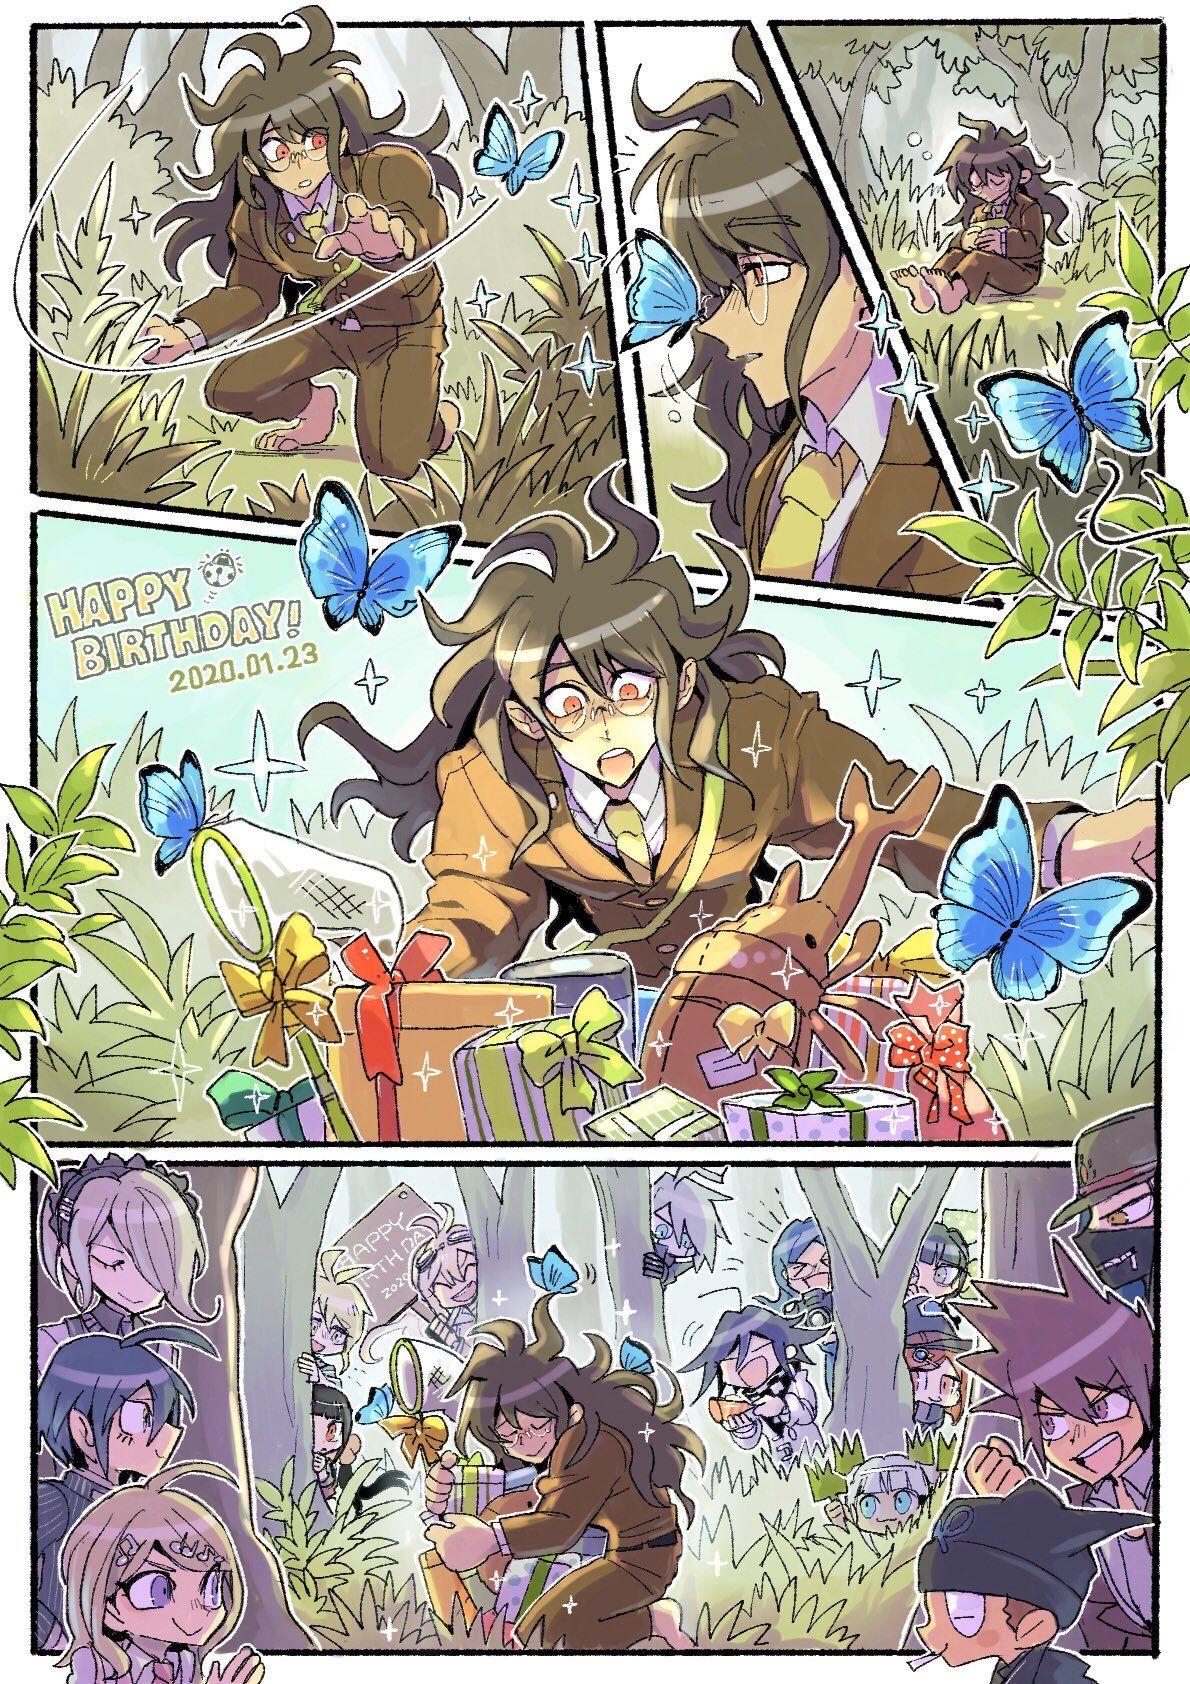 くまころ2/16 西1エ11b on Danganronpa characters, Danganronpa